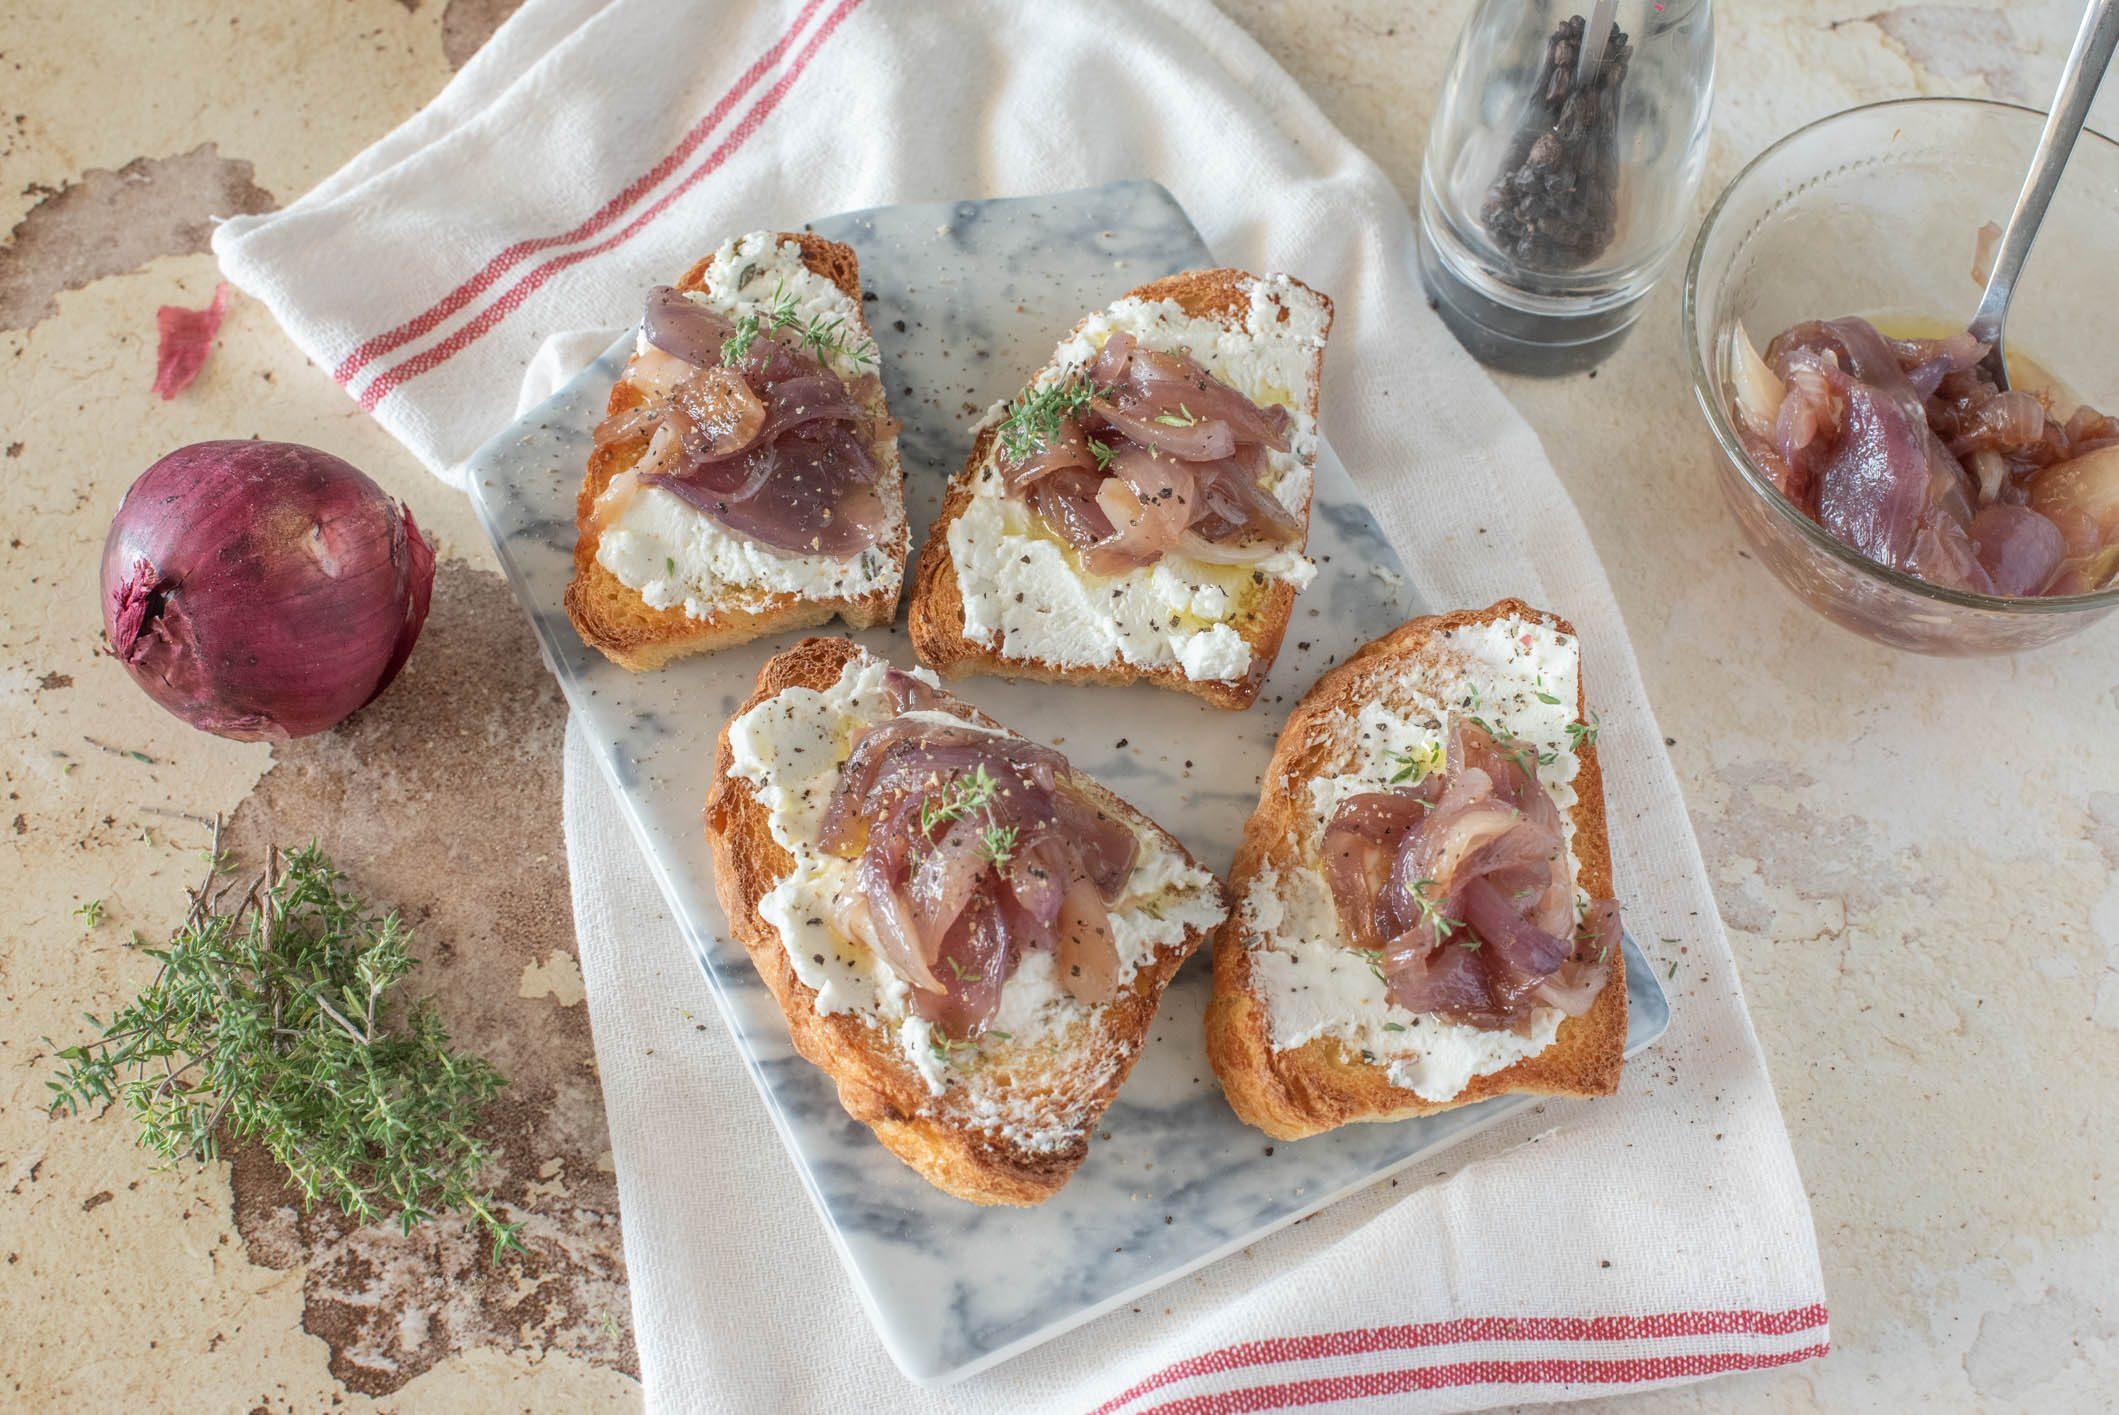 Bruschette con cipolle caramellate e caprino: la ricetta semplice e gustosa